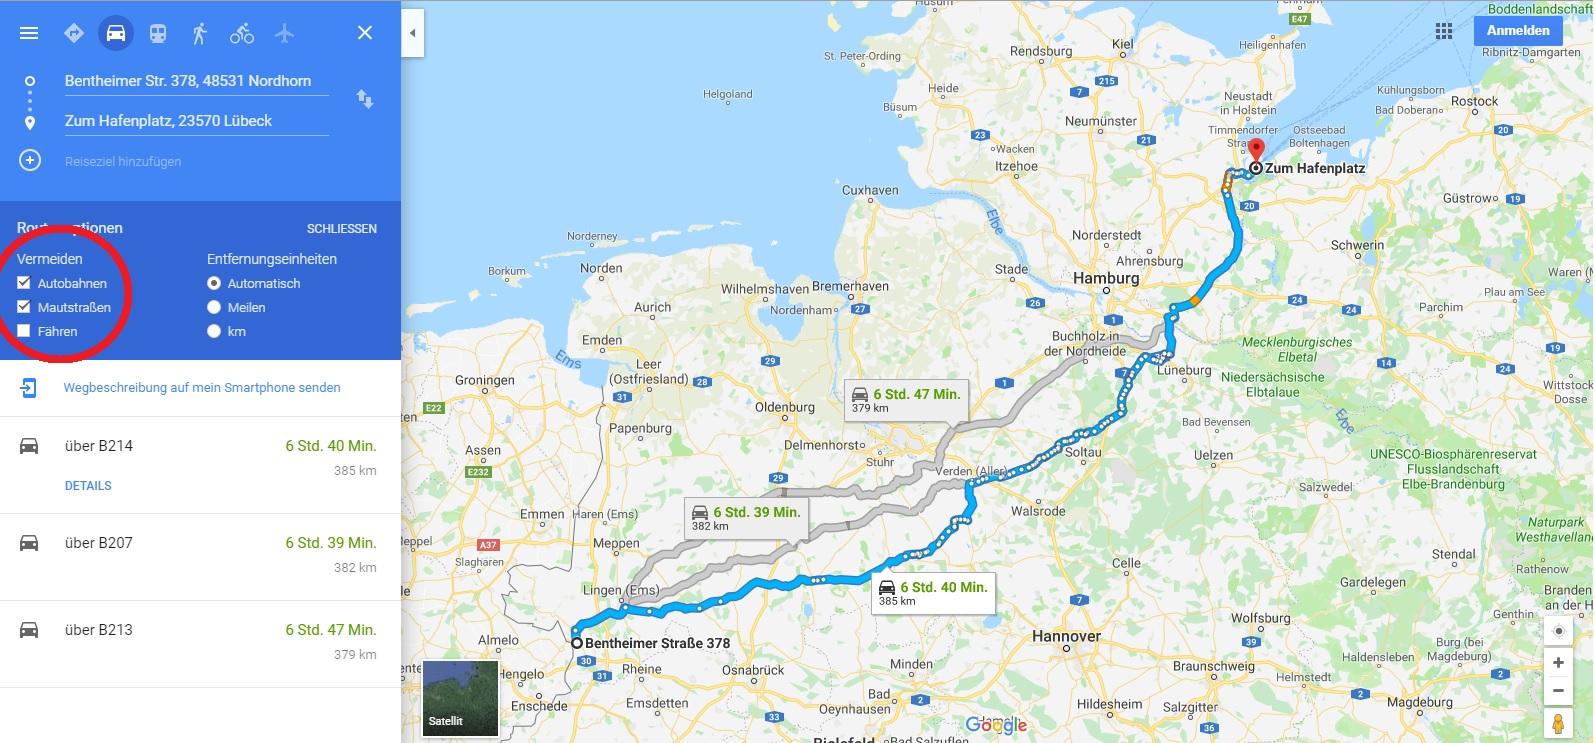 Heimreise von Travemünde nach Nordhorn